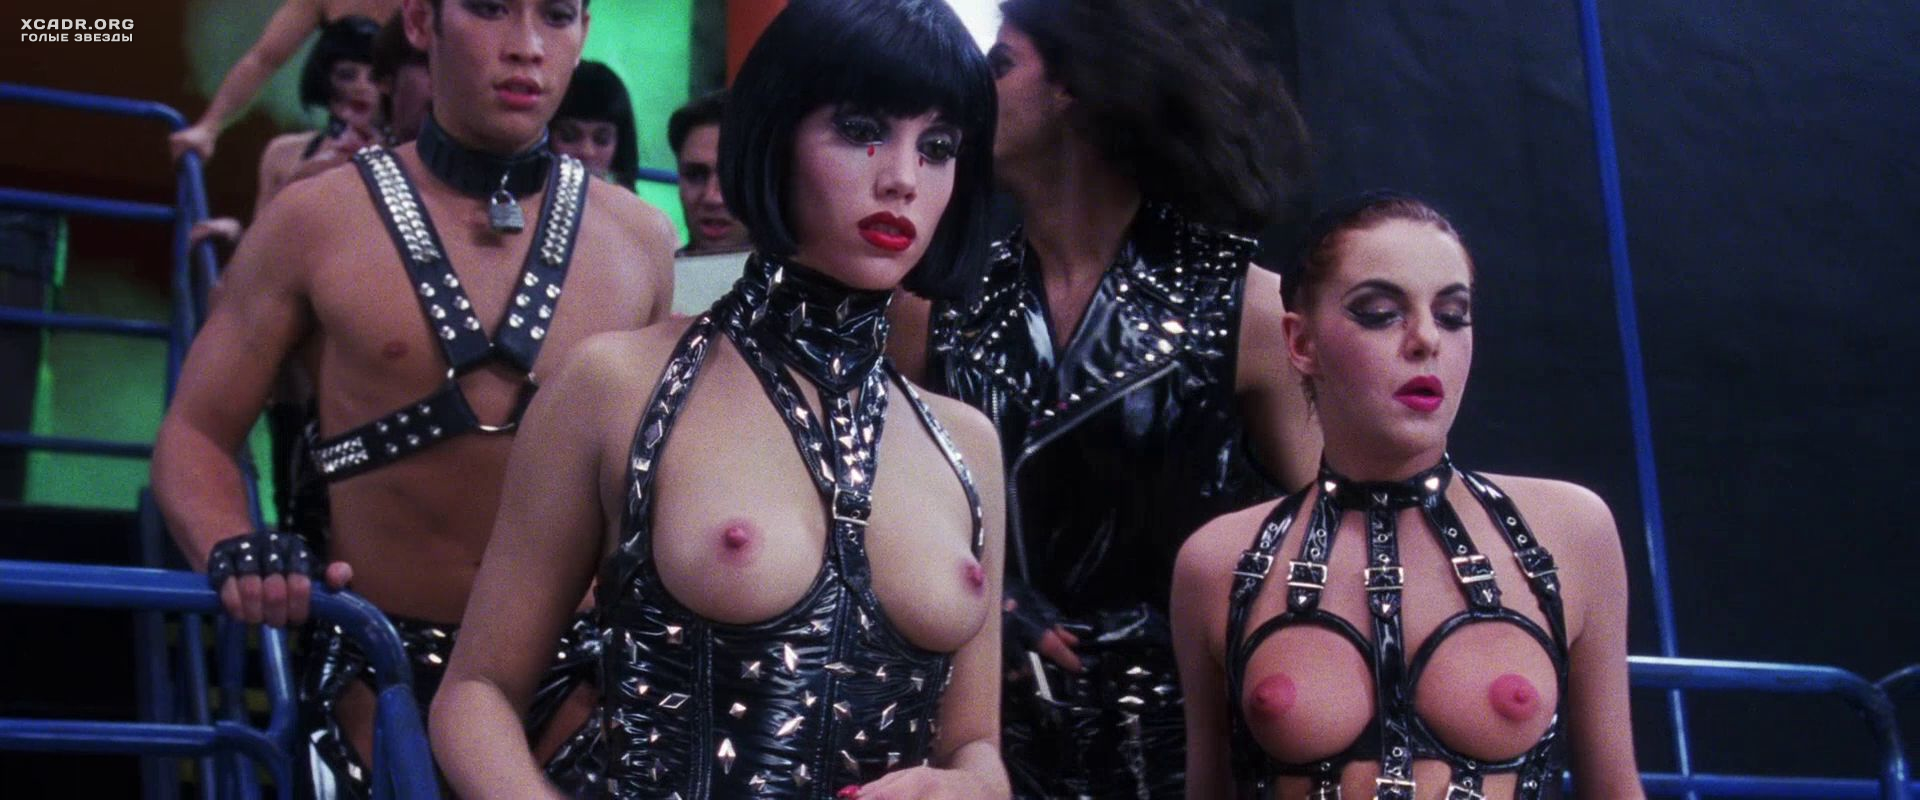 Шоу герлз эротика, порно с реальными красотками